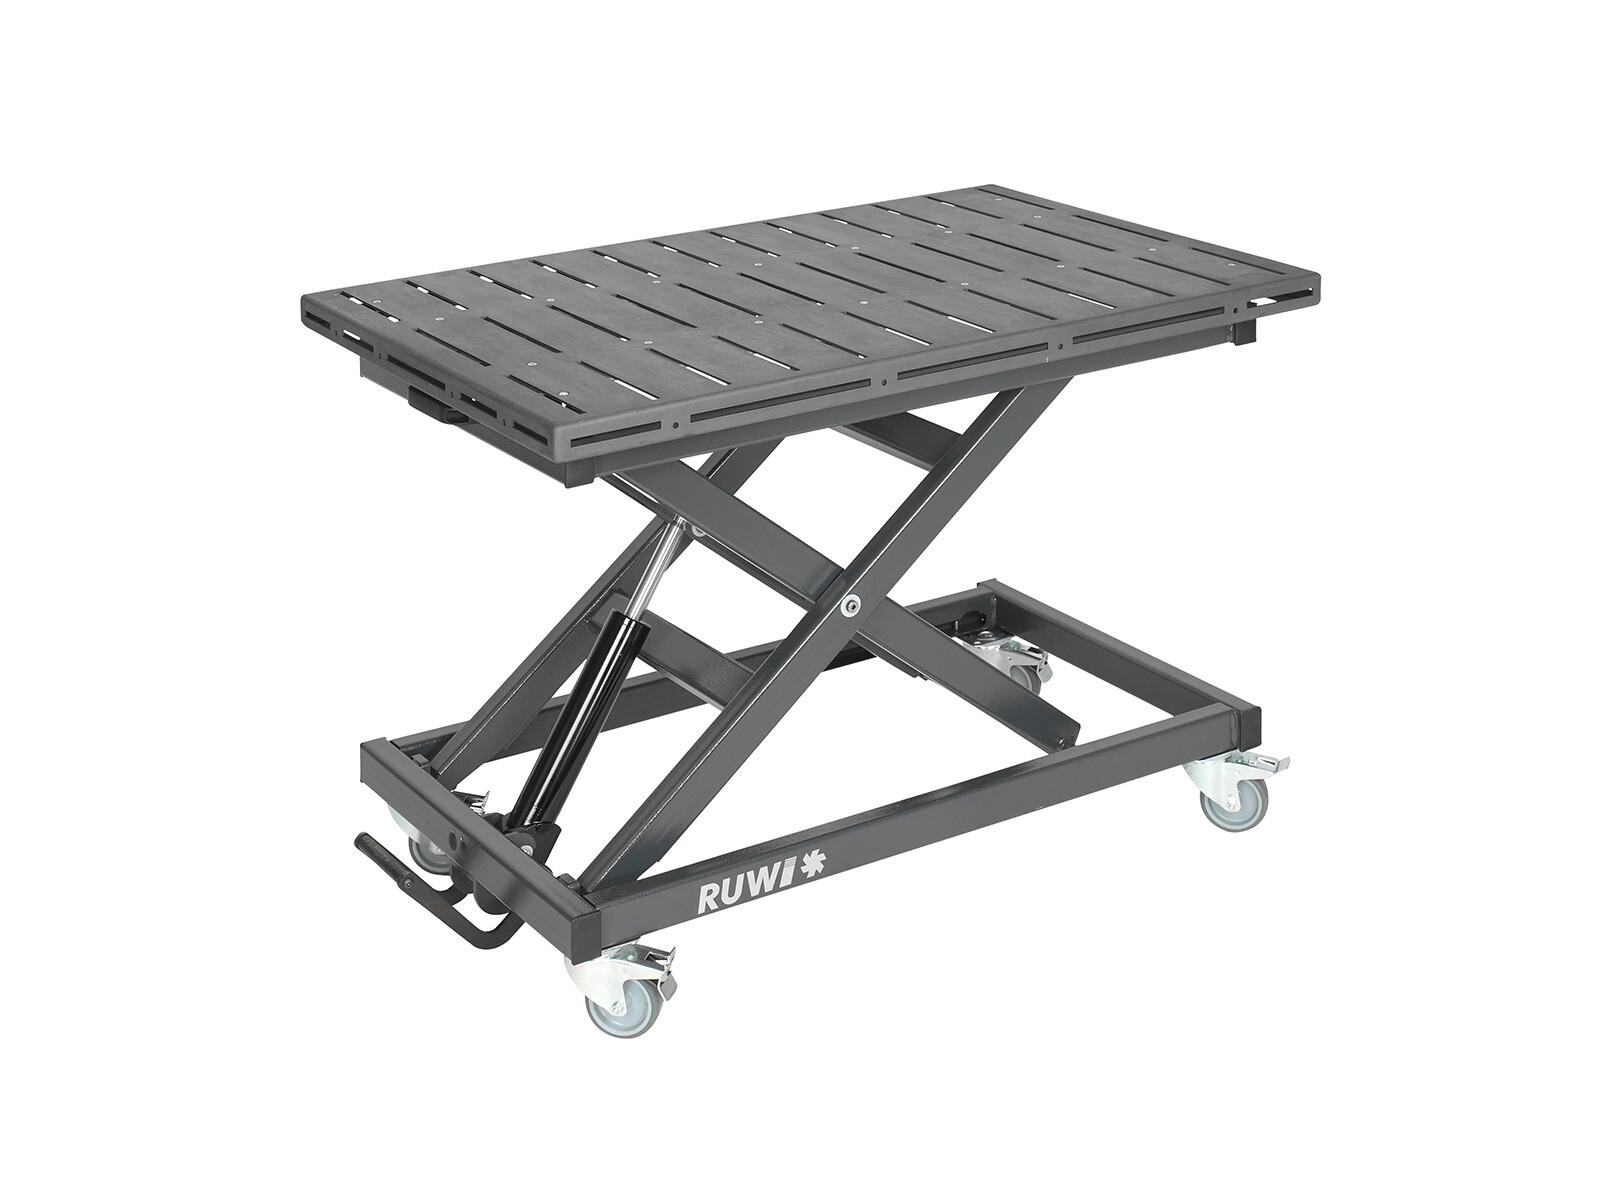 RUWI Schweißtisch Nut - Hubtisch 1200 x 800 mm